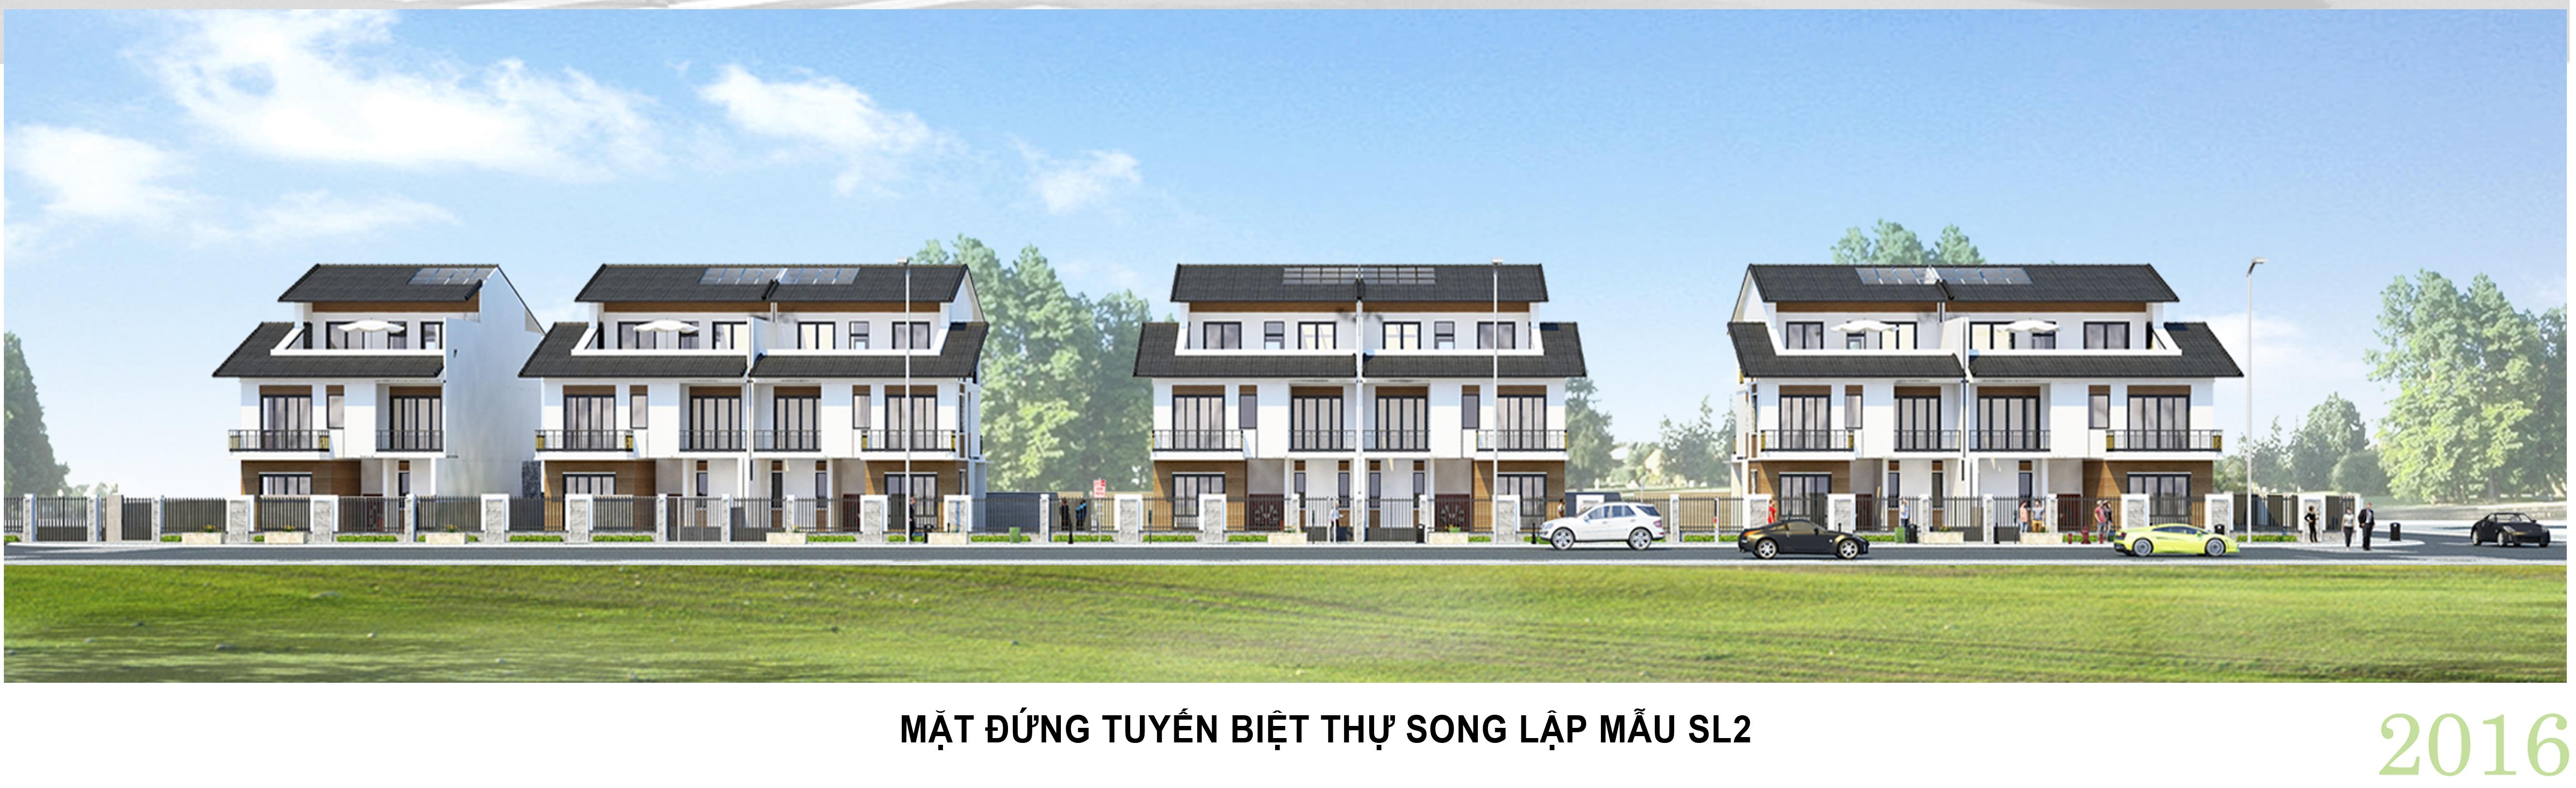 Bán lô biệt thự Đông Nam đường 21 view vườn hoa gần trường học KĐT Nam Vĩnh Yên. LH: 0978.19.49.09